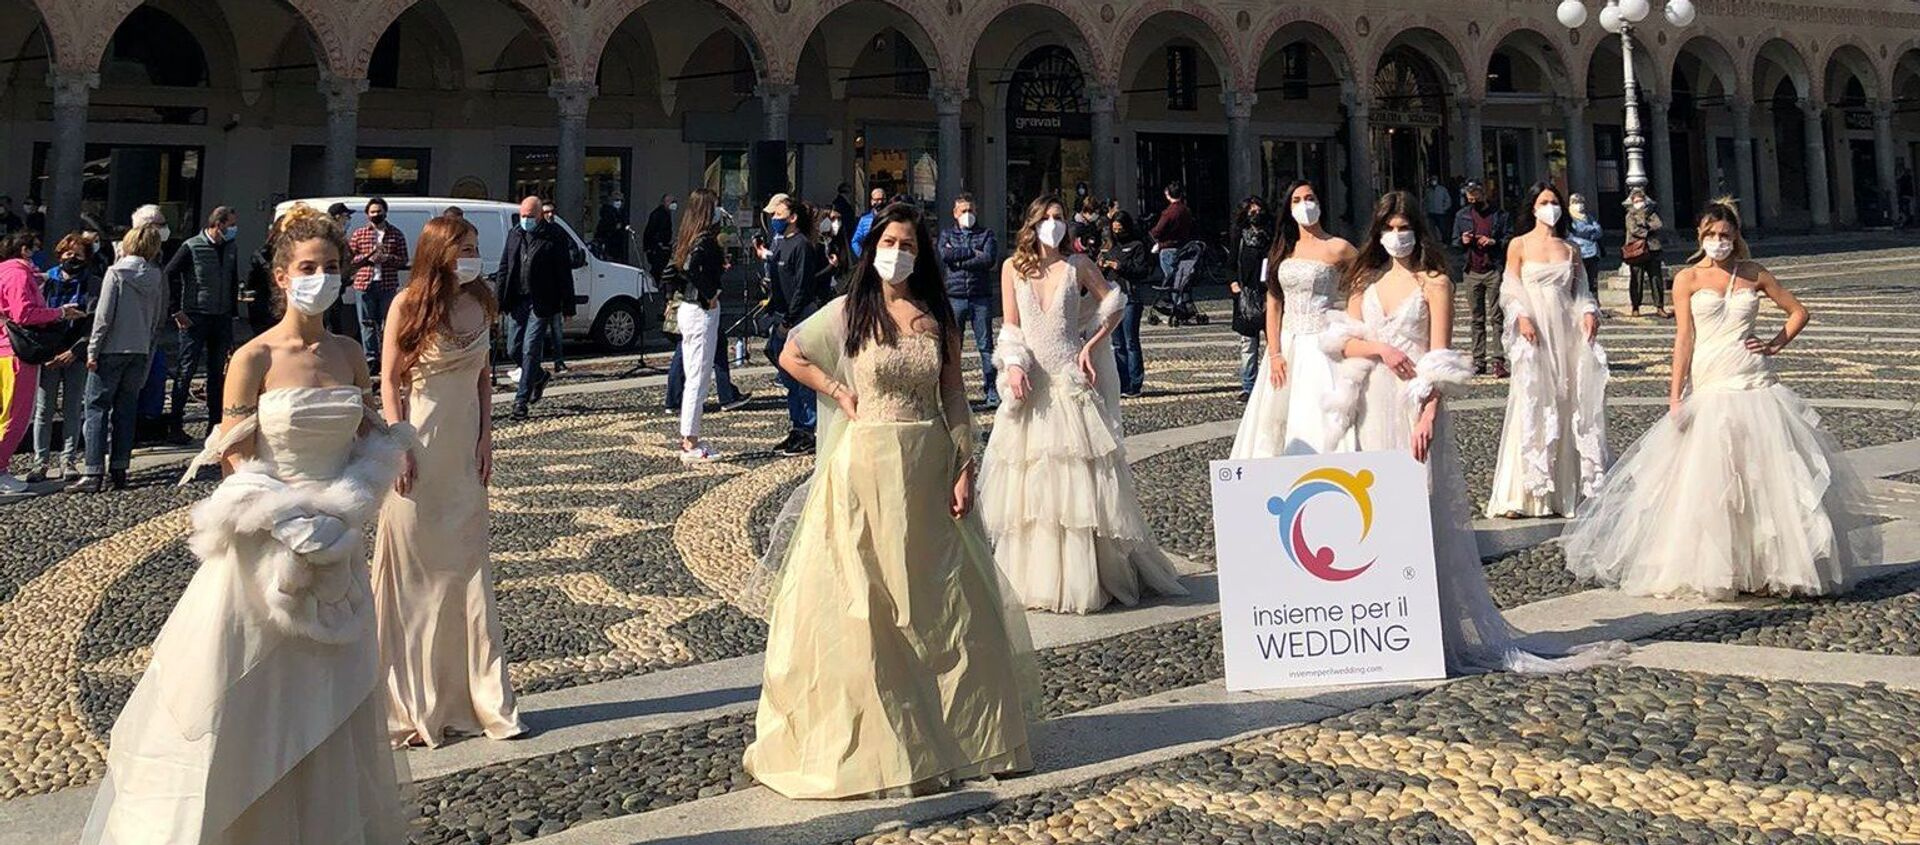 Insieme per il wedding - Sputnik Italia, 1920, 25.04.2021